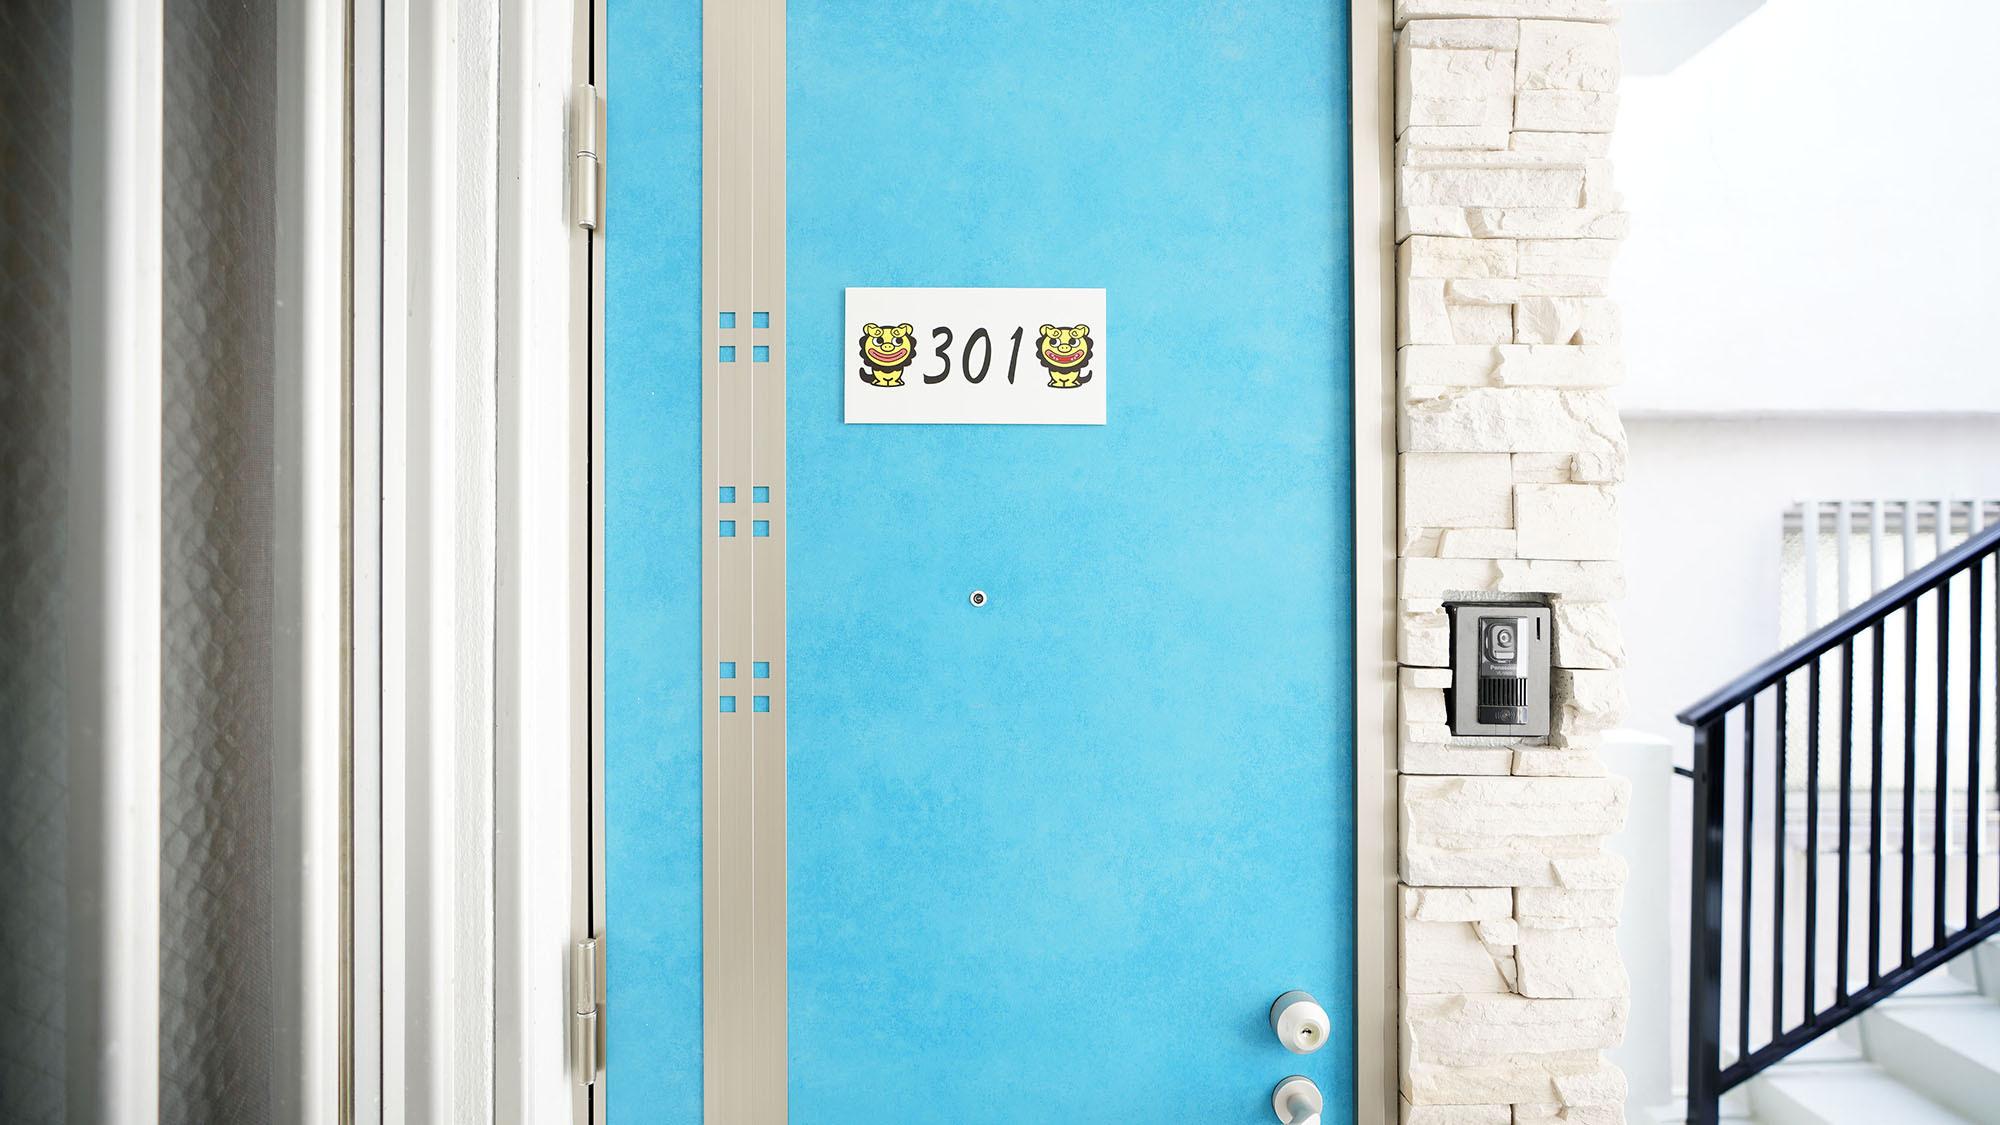 ・301号室:沖縄の海のようなブルーの扉が目印です★